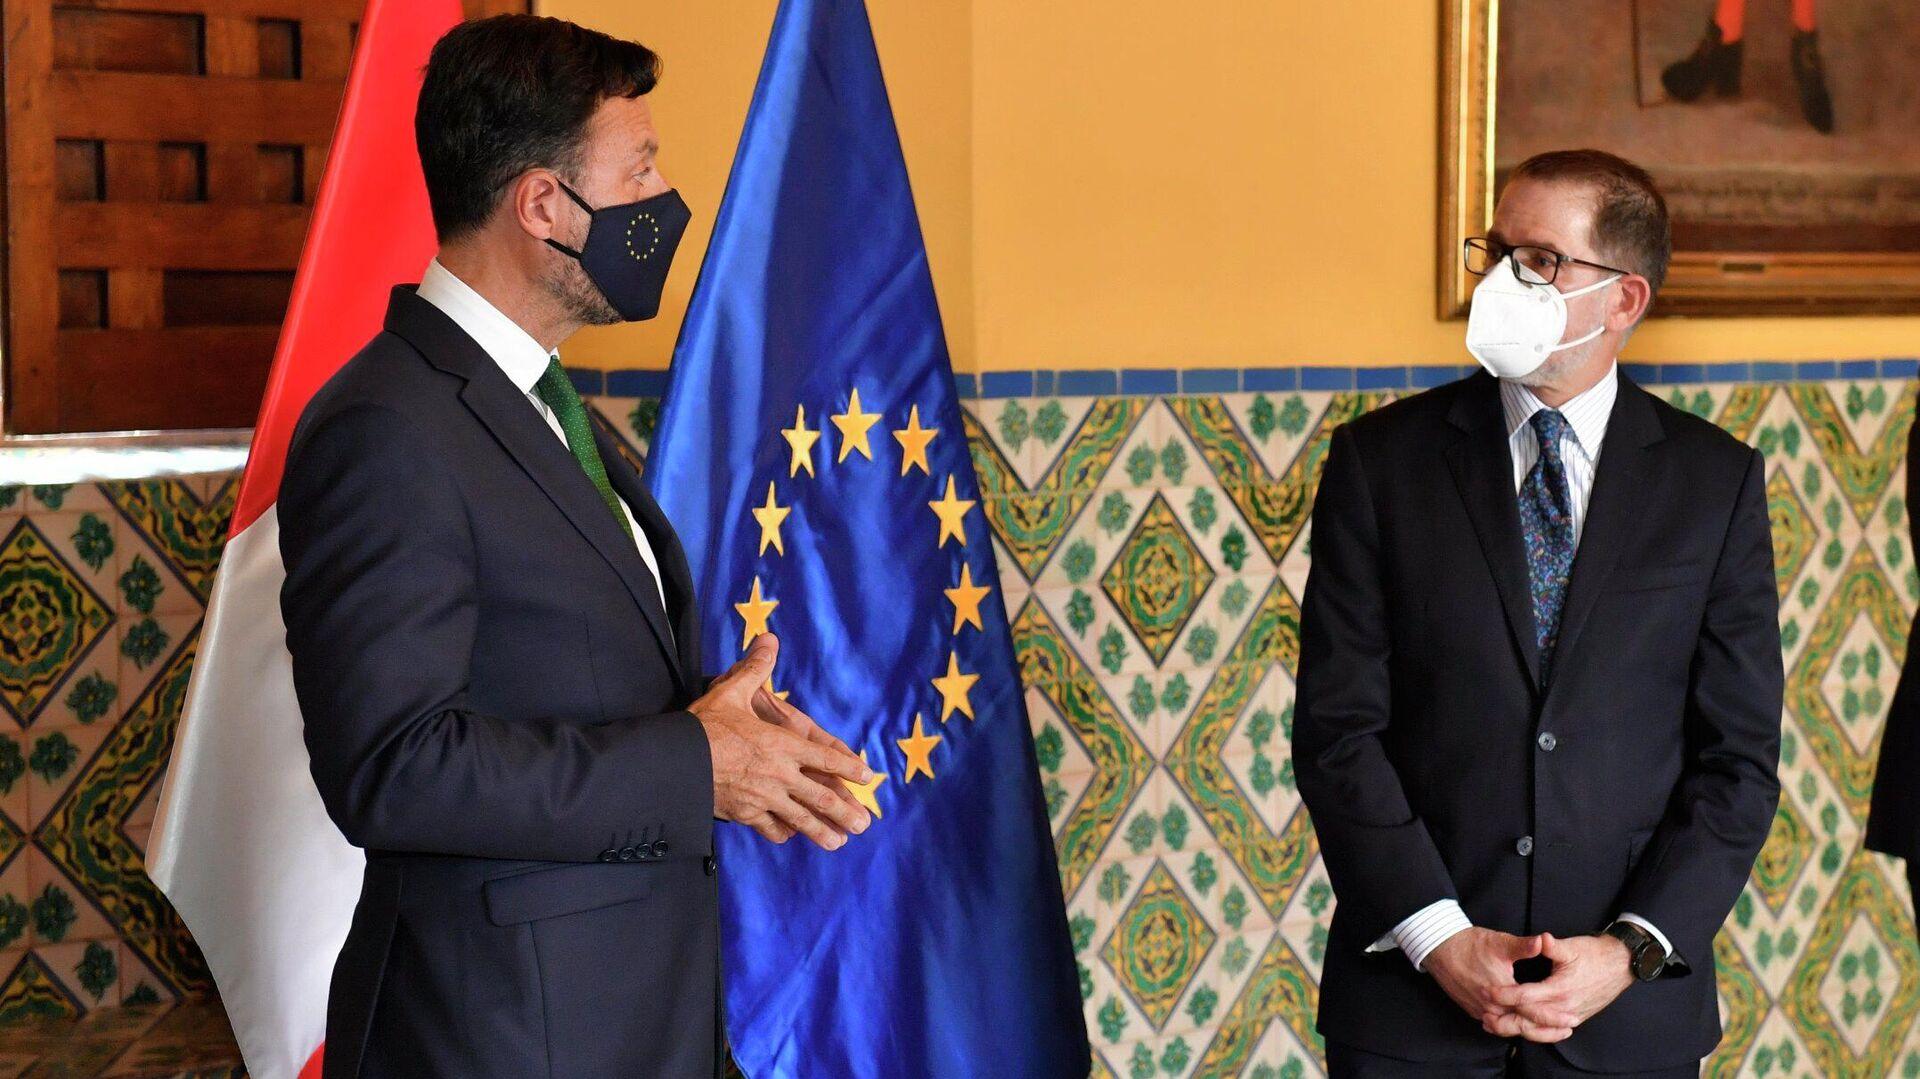 Vicecanciller peruano Ignacio Higueras junto a un miembro de la misión de la UE en Perú - Sputnik Mundo, 1920, 15.03.2021